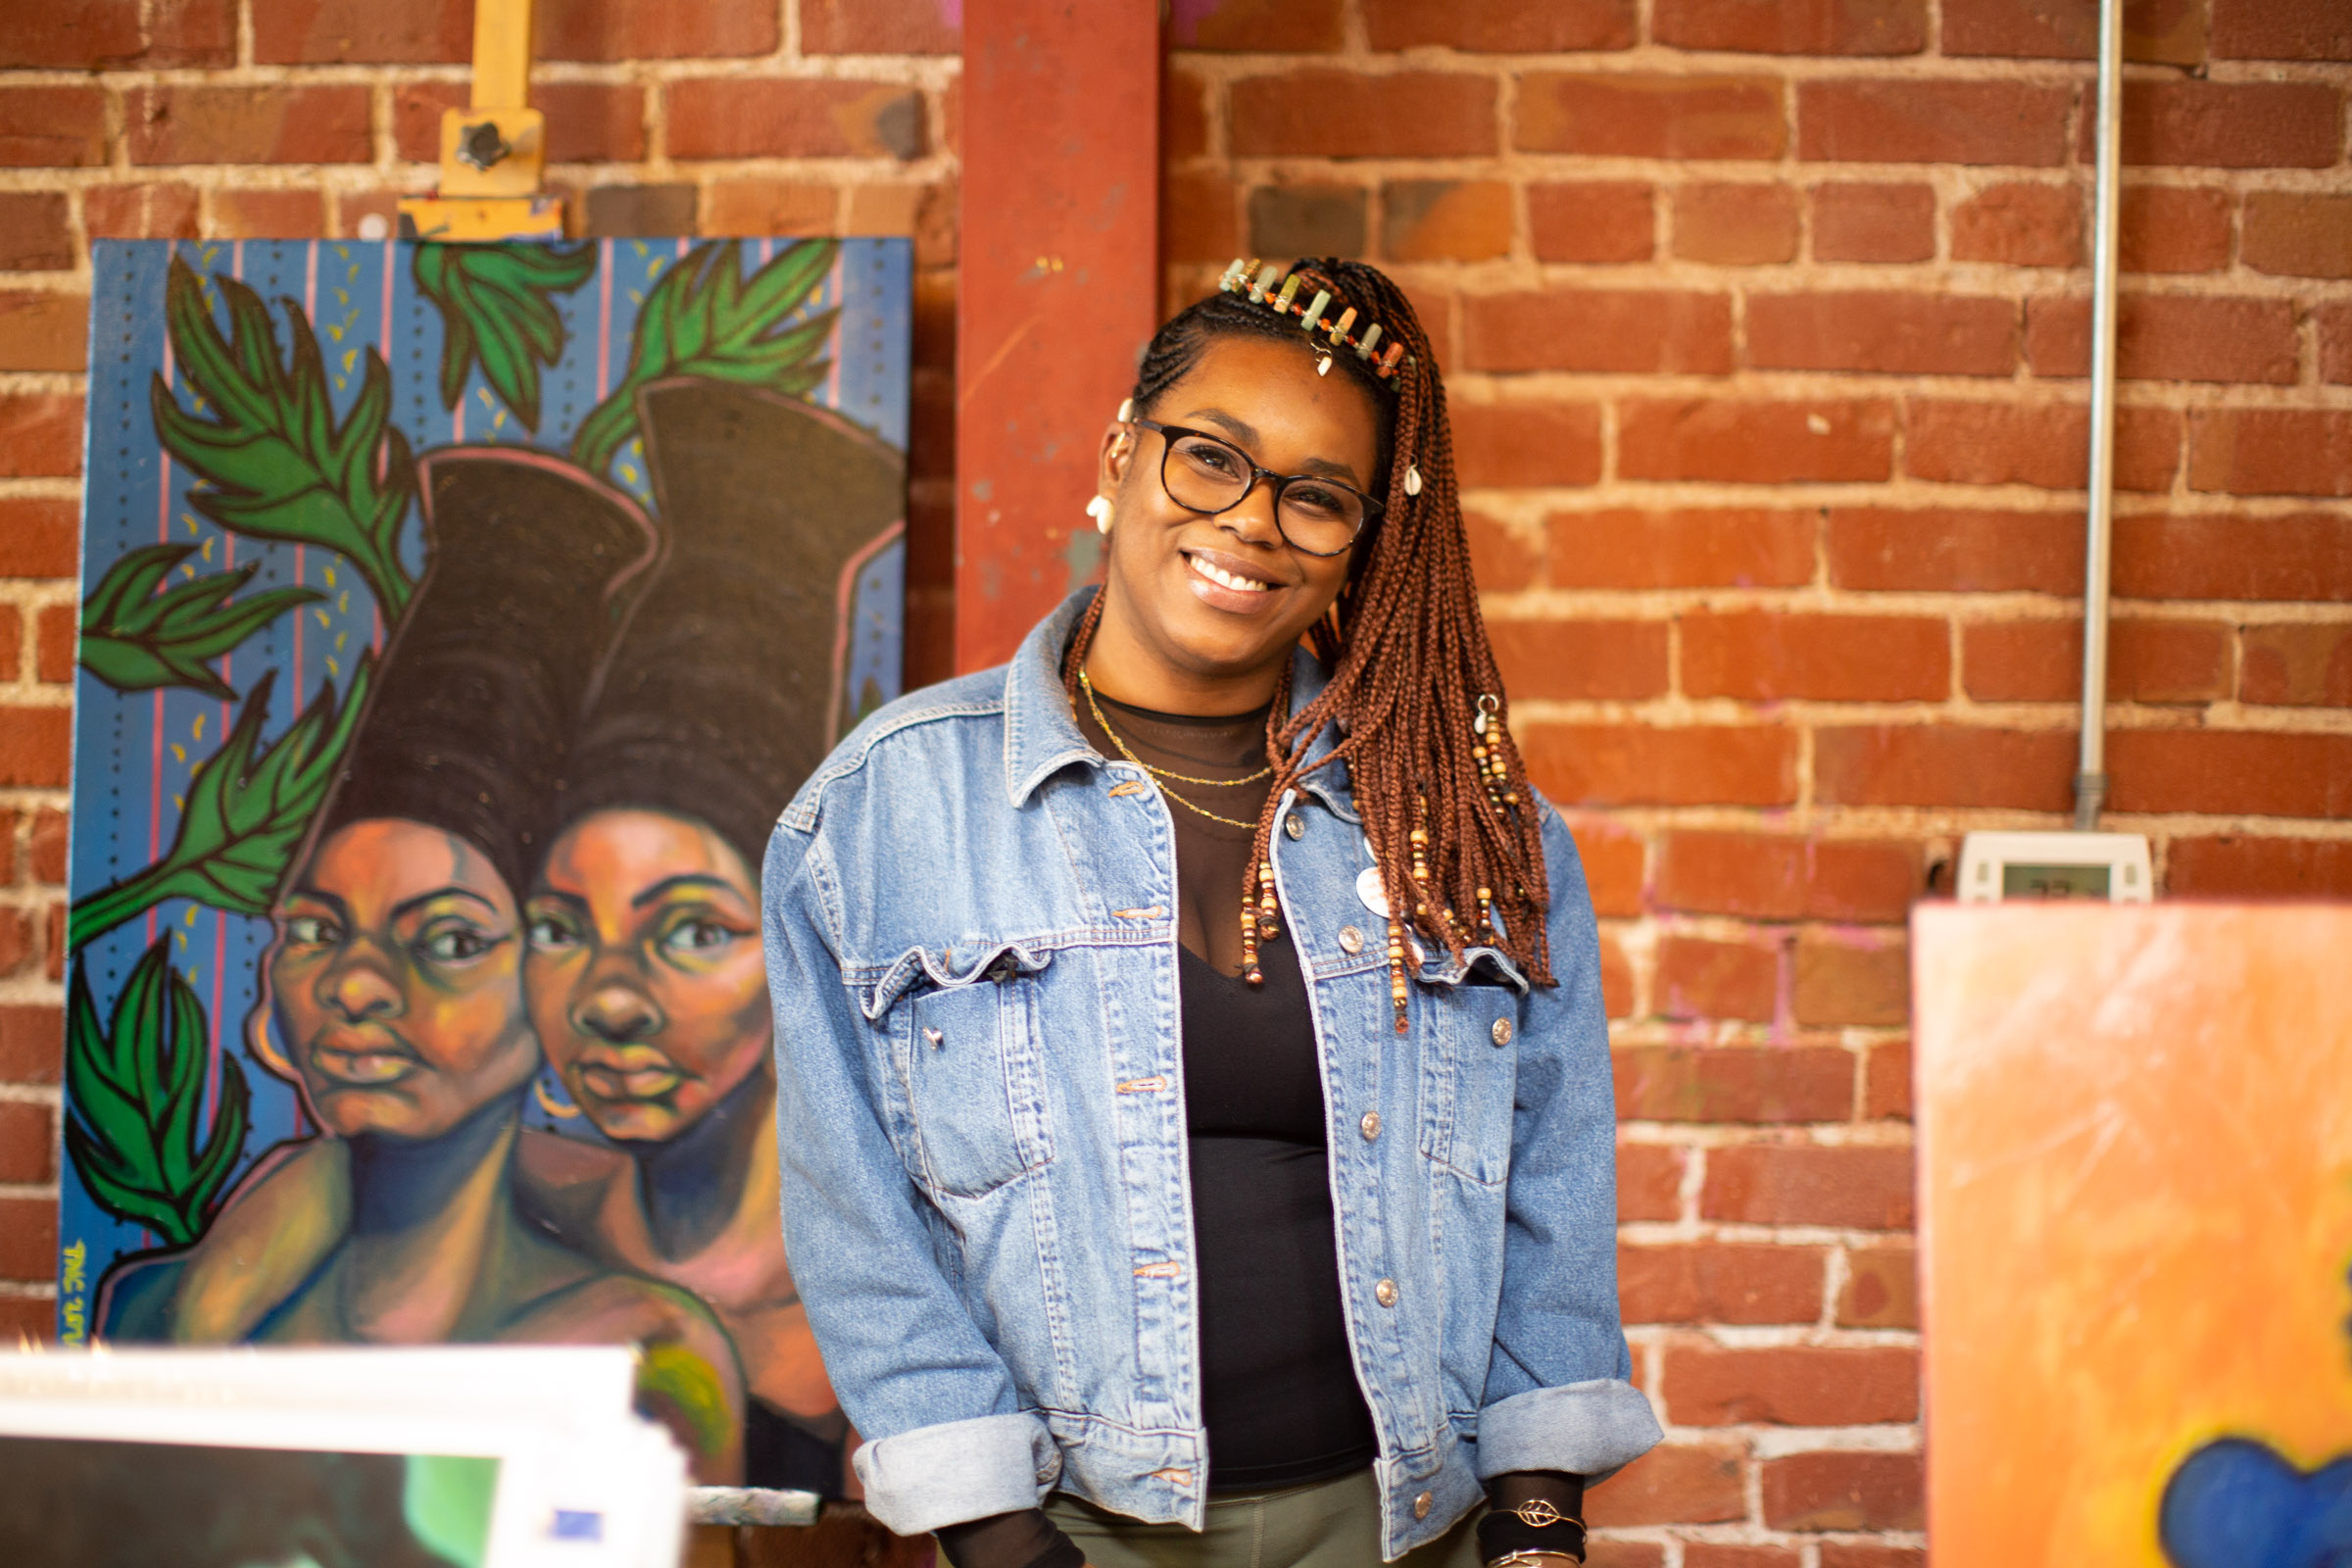 Artist Tiffany Convay. Photo by Tumay Aslay.